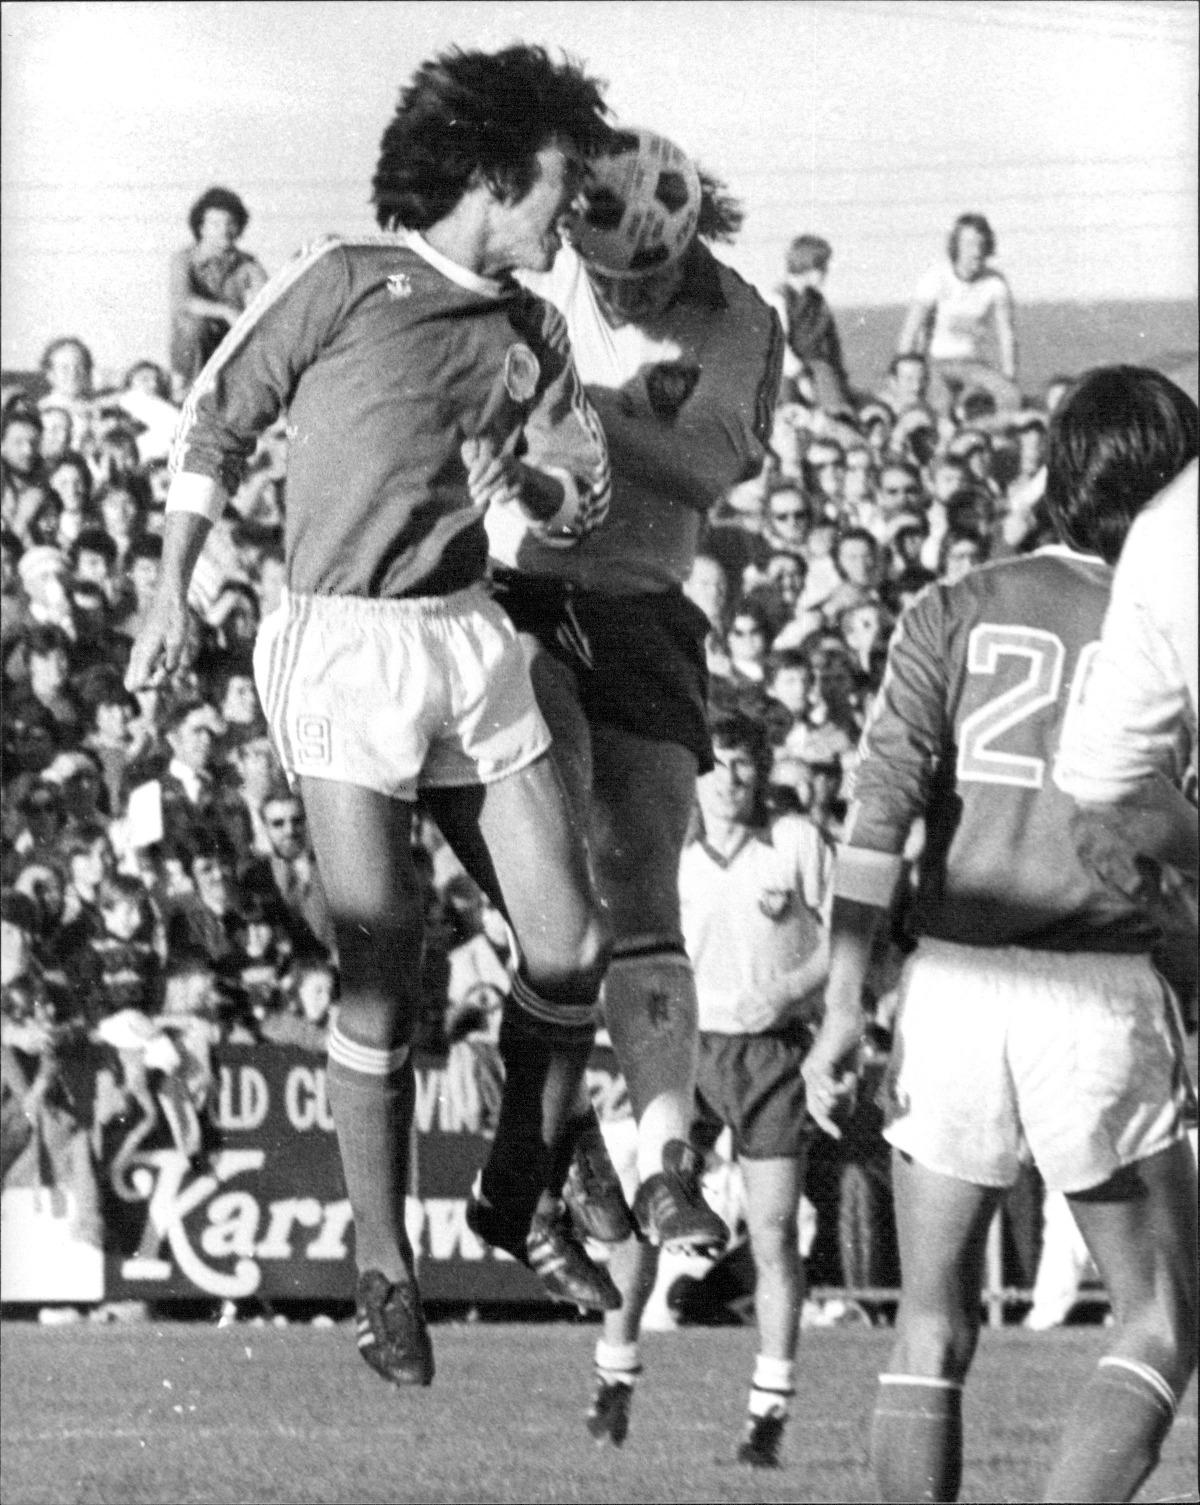 當代中國-飛凡香港-1977年足球史上最震撼一戰香港隊踢入世界杯?